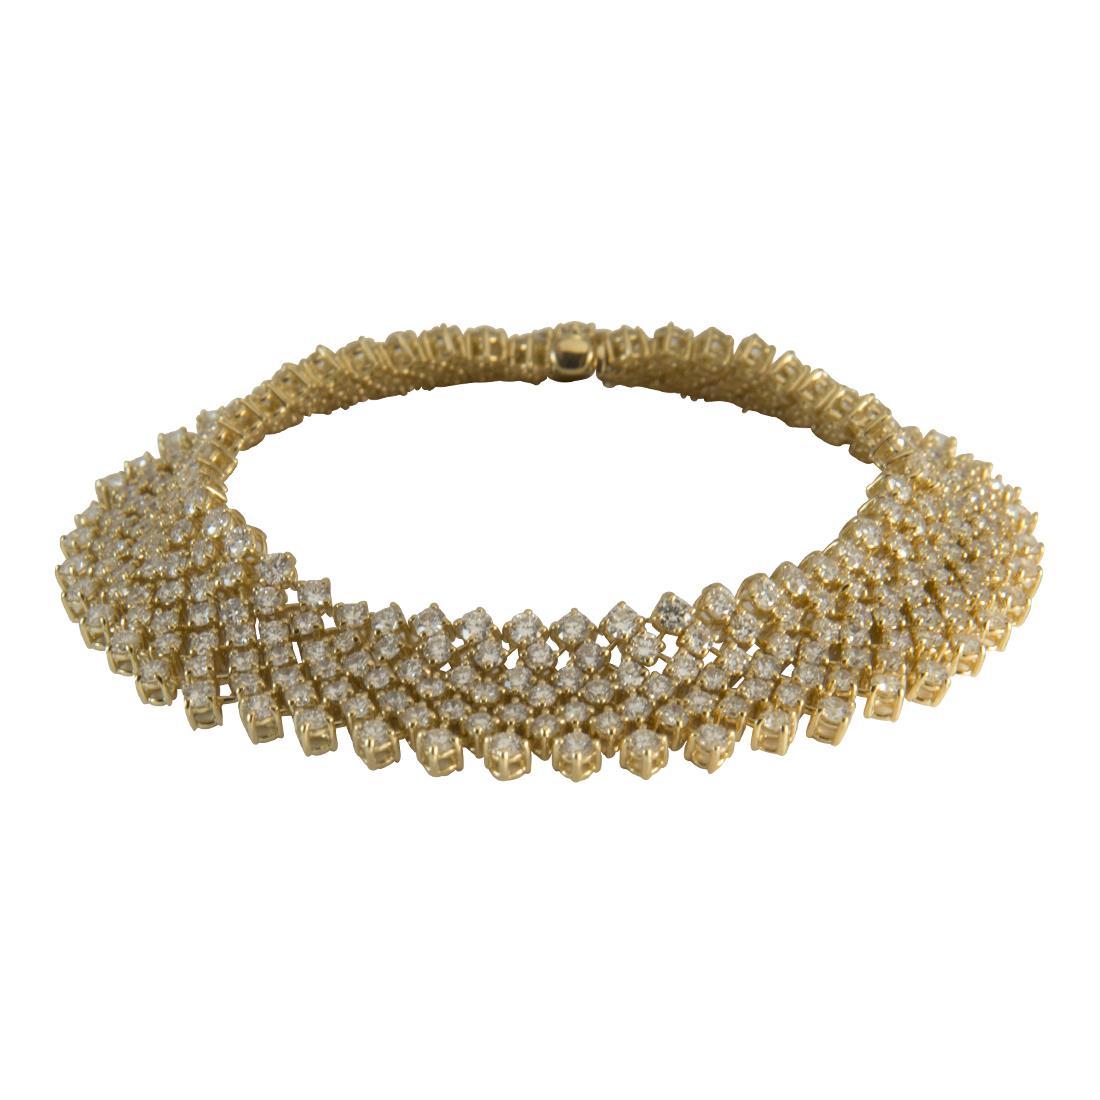 Bracciale  in oro giallo con diamanti ct 9.30 - ALFIERI ST JOHN